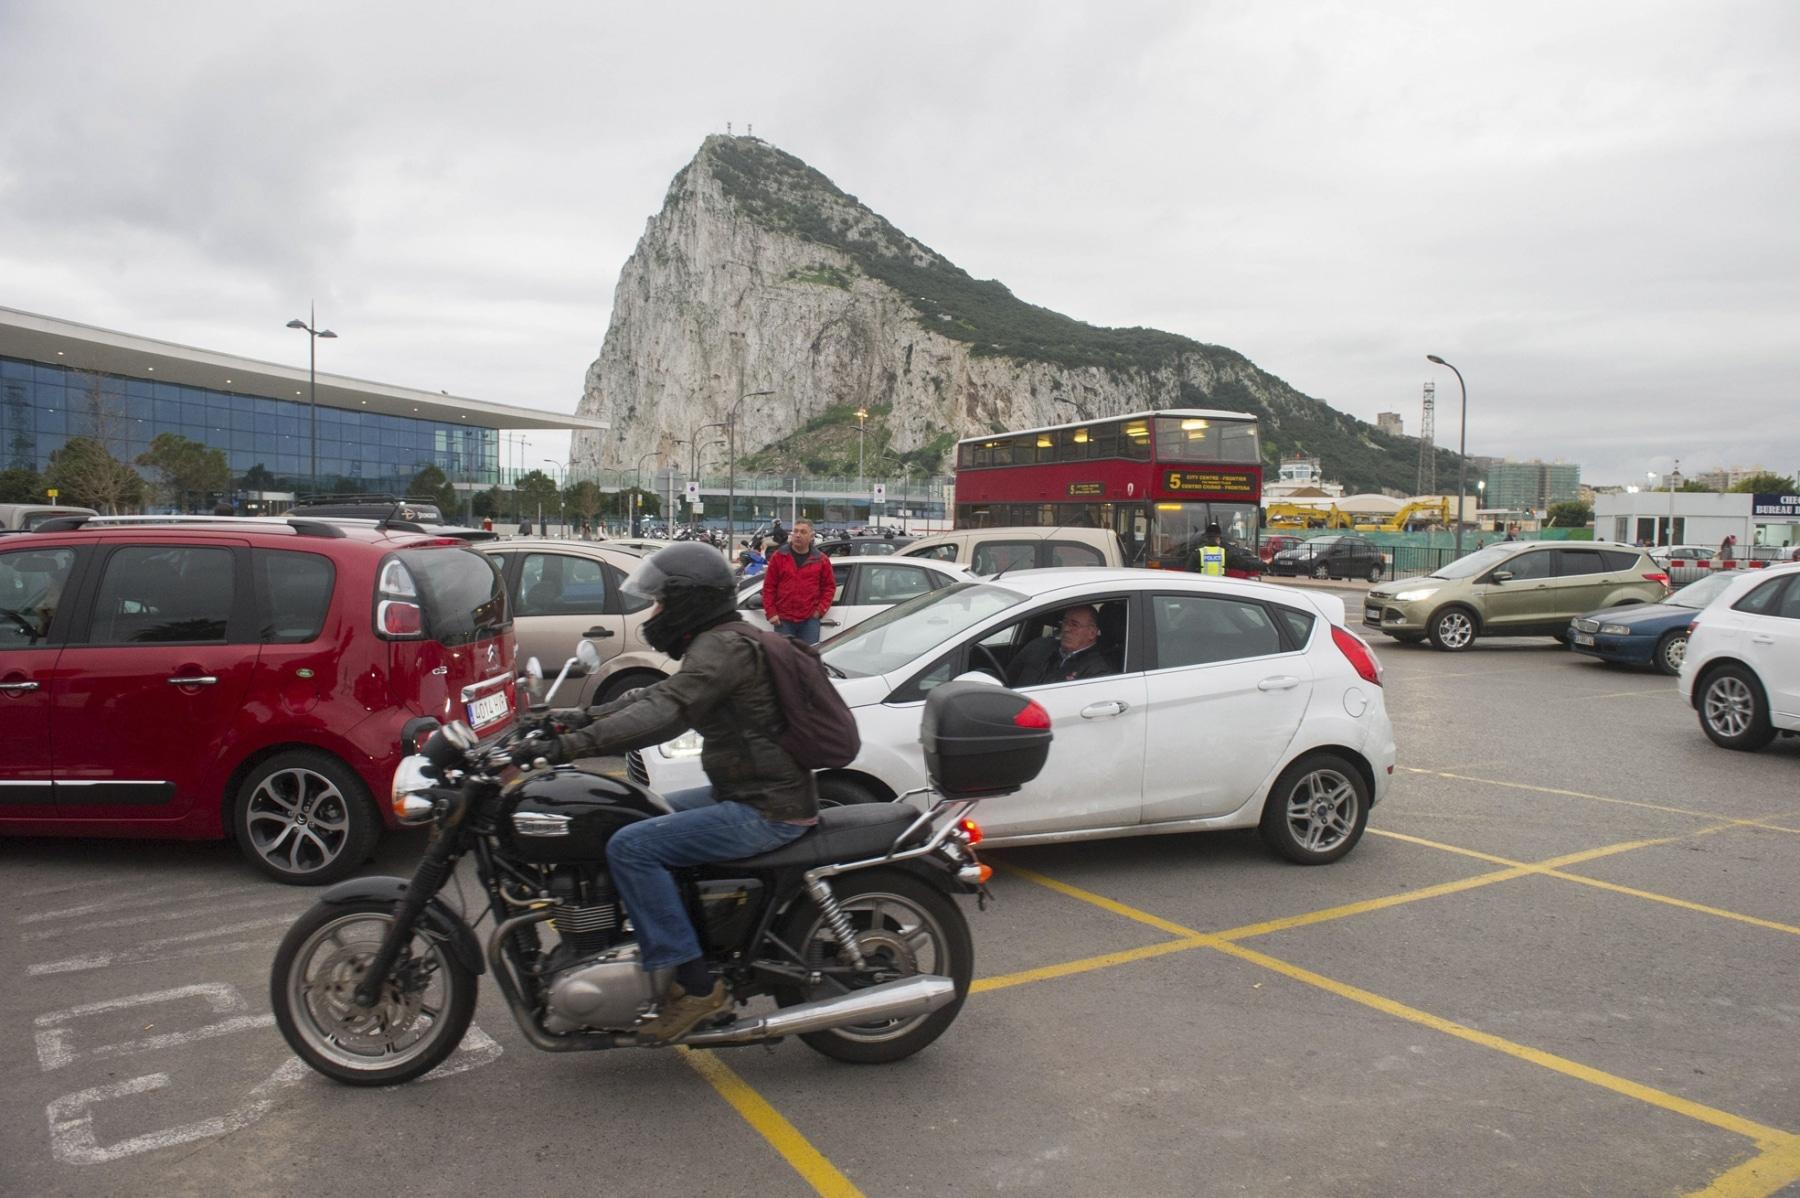 colas-coches-gibraltar-febrero-2014-5_12614296015_o